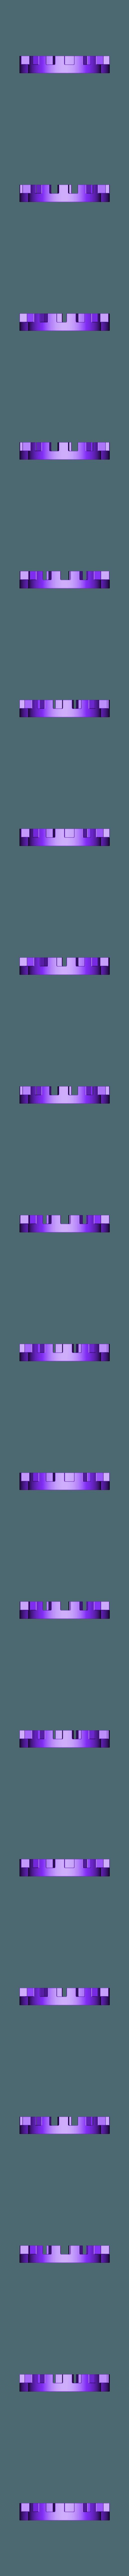 2.stl Télécharger fichier STL gratuit z • Plan imprimable en 3D, tulukdesign